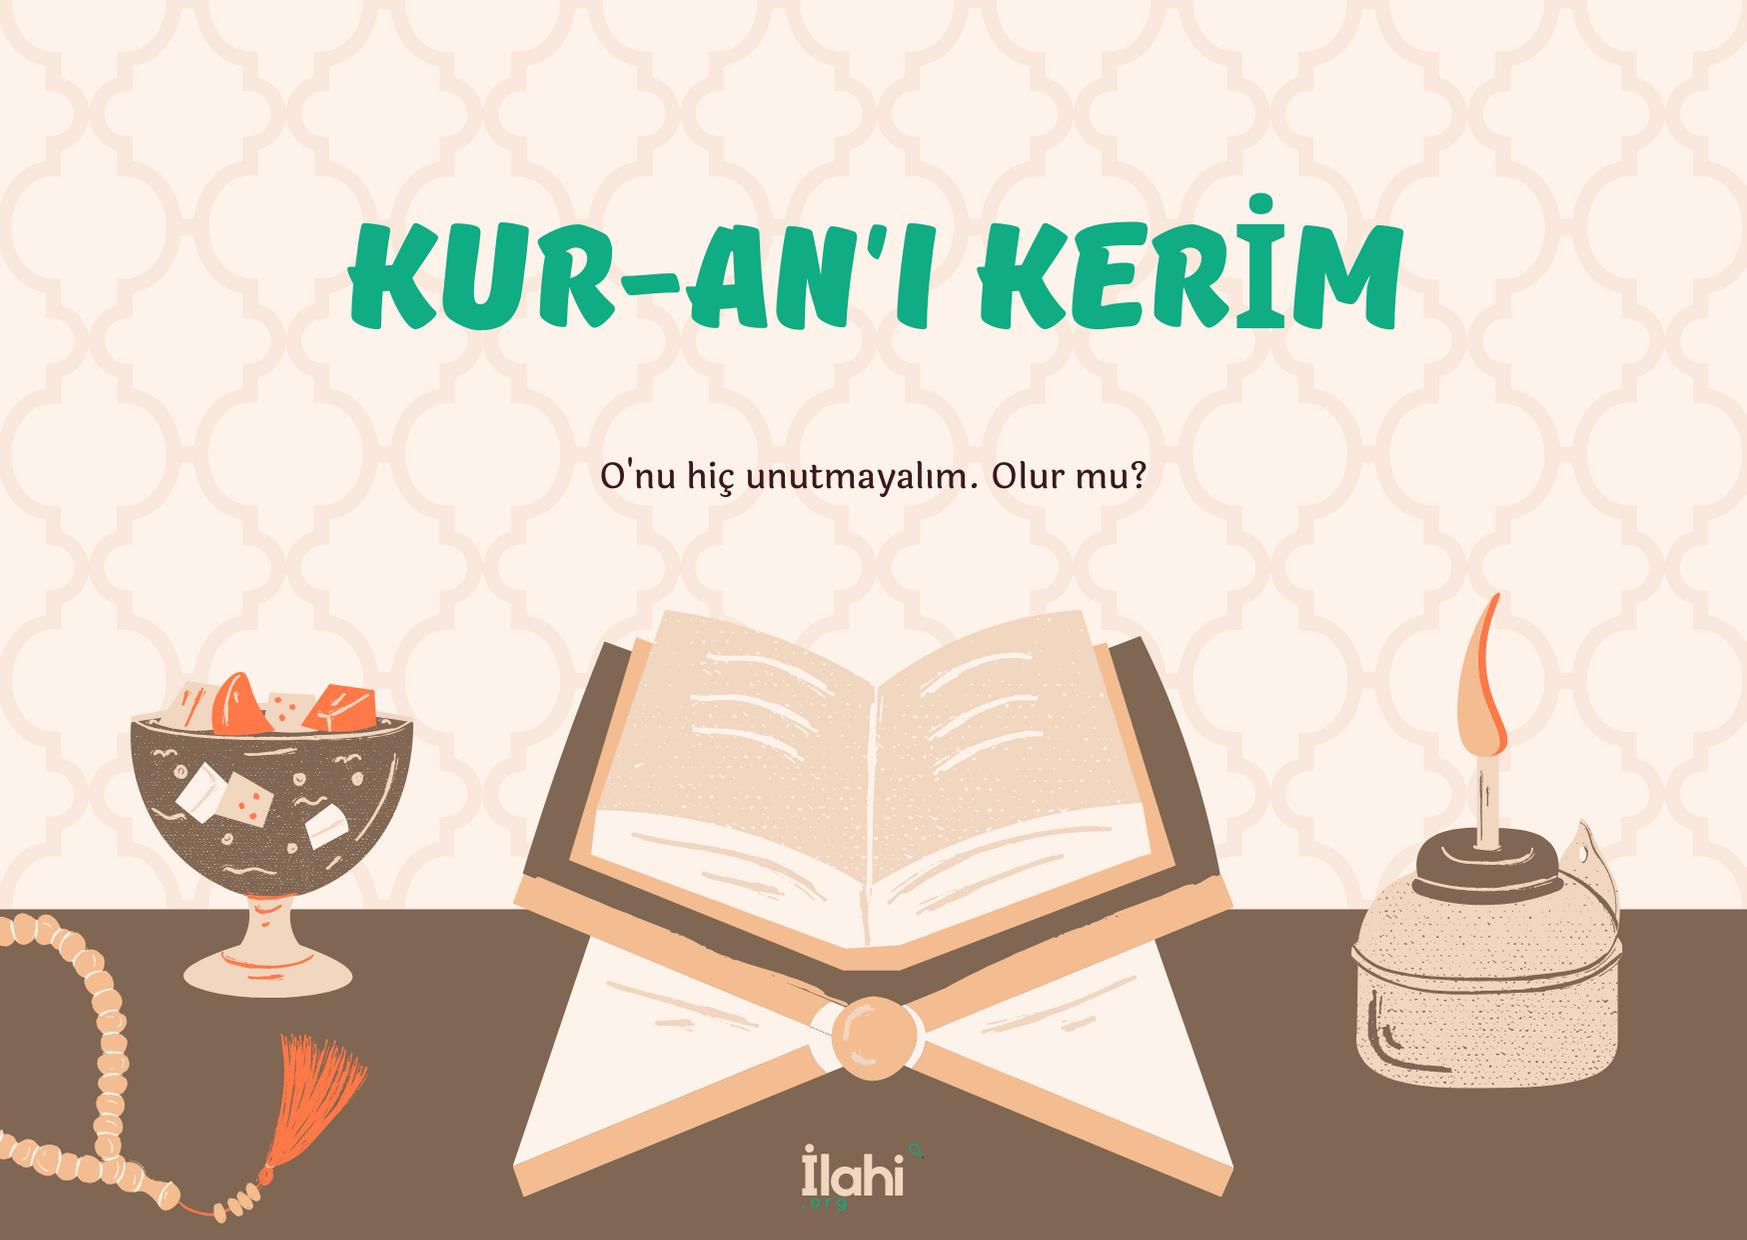 kuran-ı kerim türkçe okunuşu